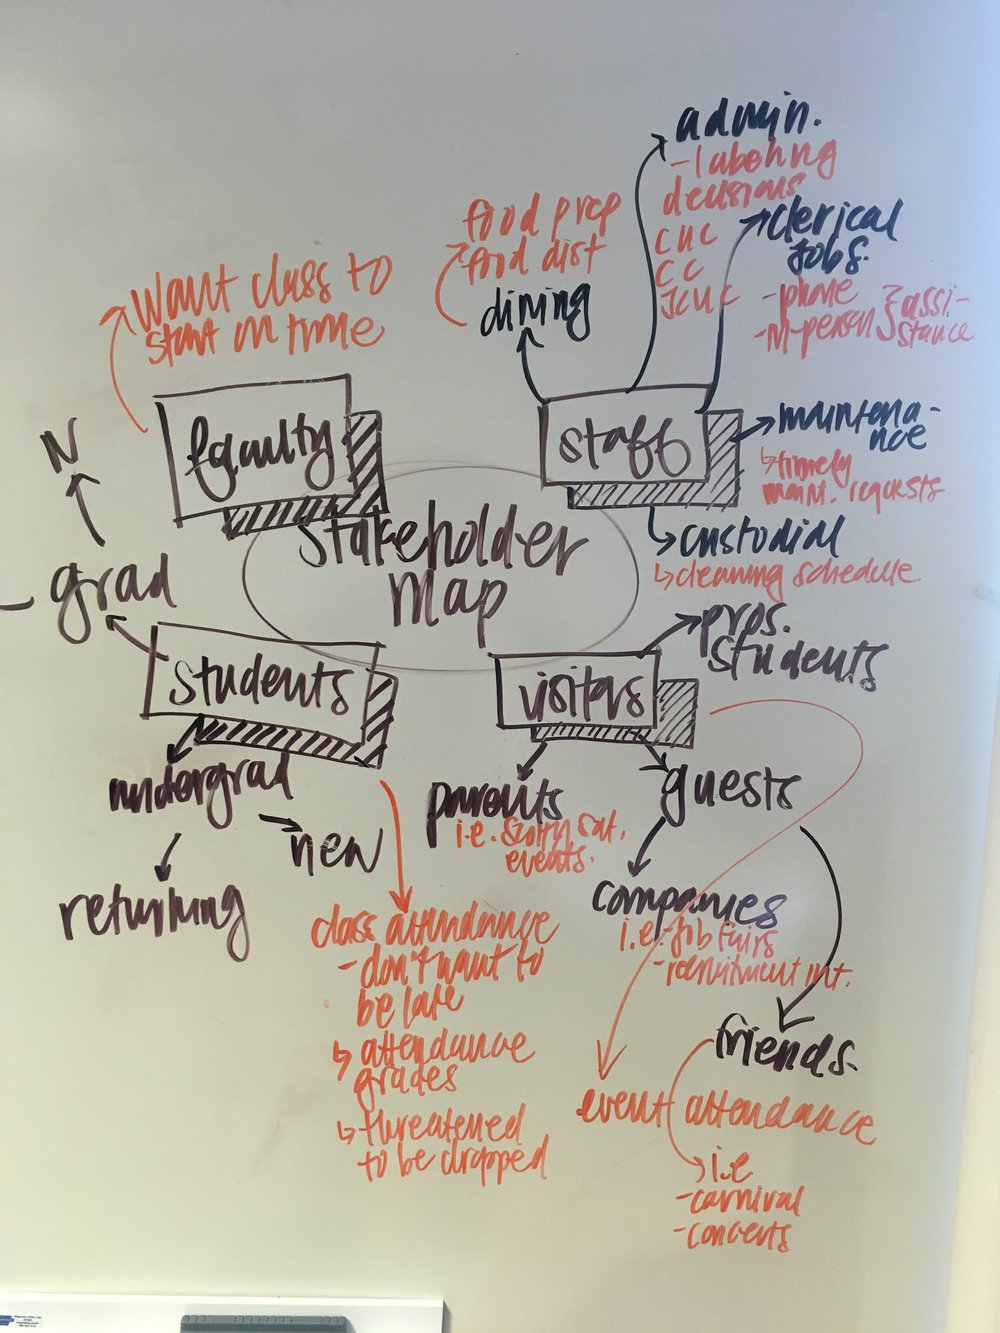 Stakeholder Map. - whiteboard.JPG